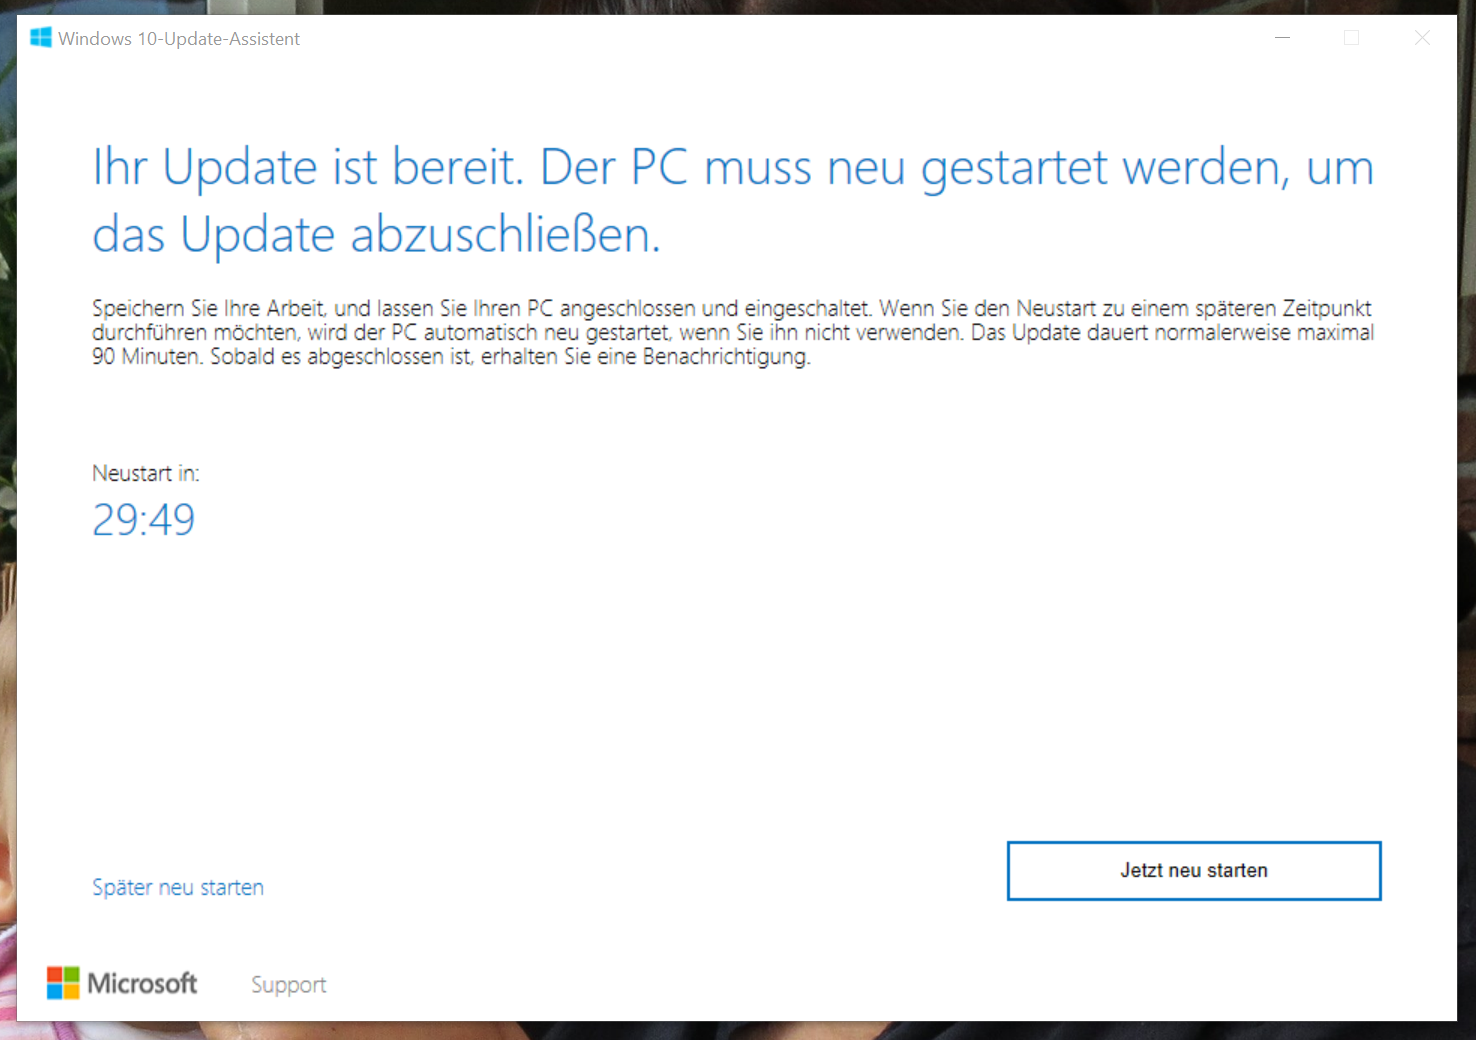 welche windows 10 version habe ich